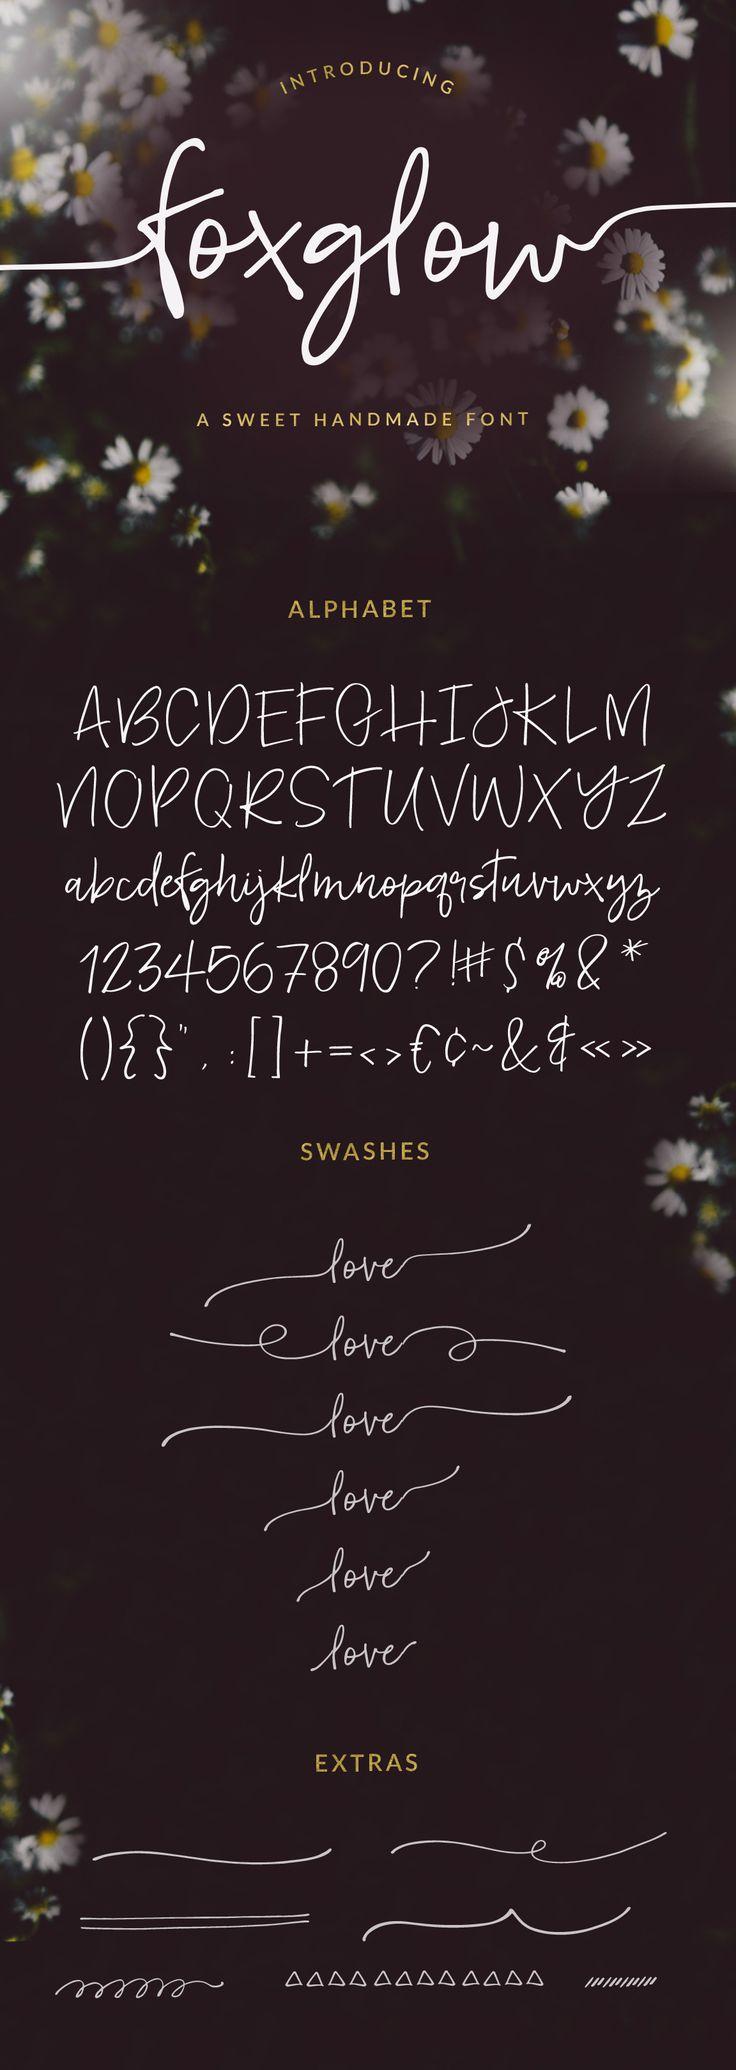 Foxglow Modern Handwritten Font by angiemakes